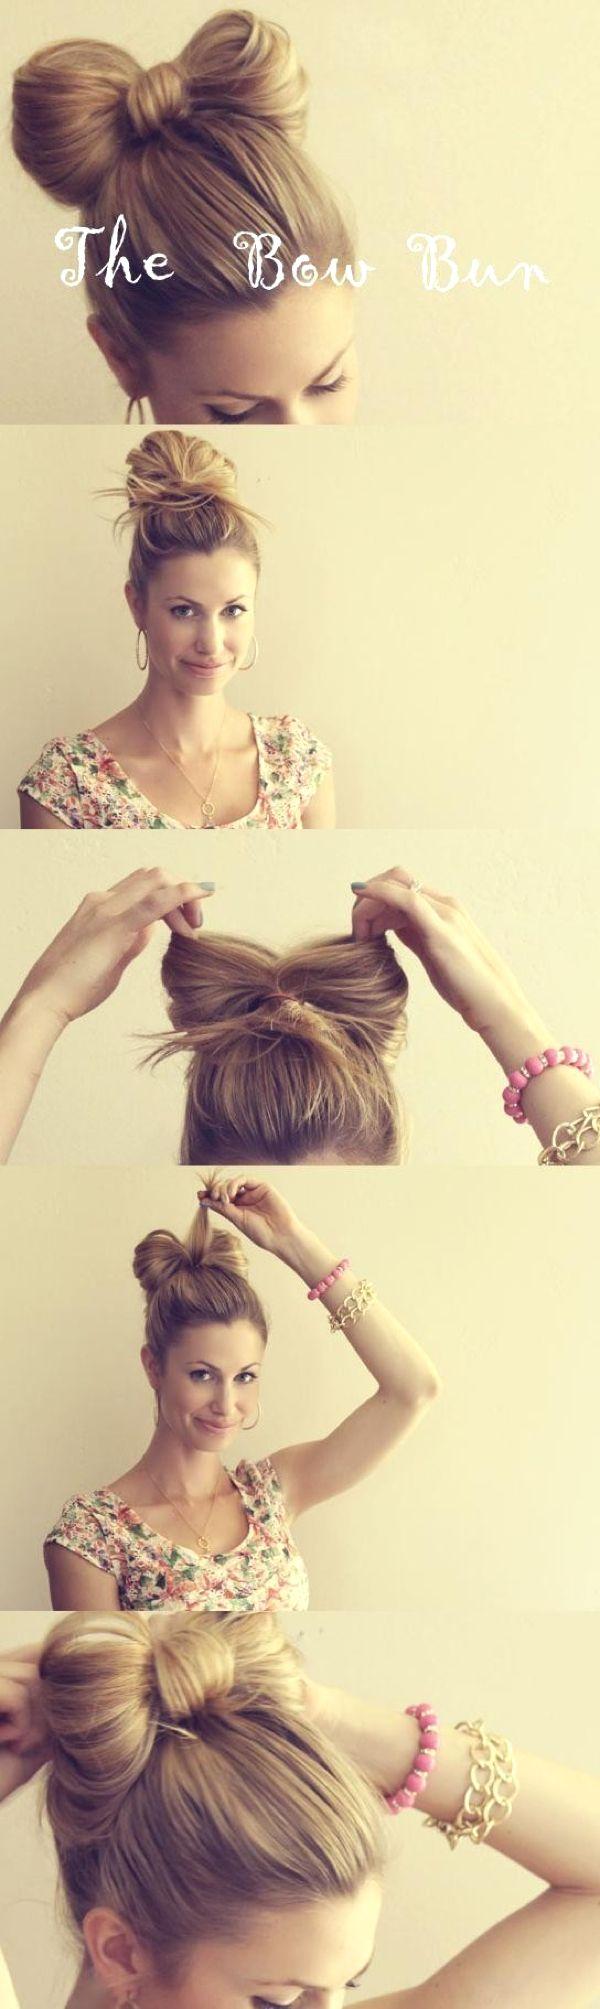 Comment faire un chignon noeud sur cheveux long